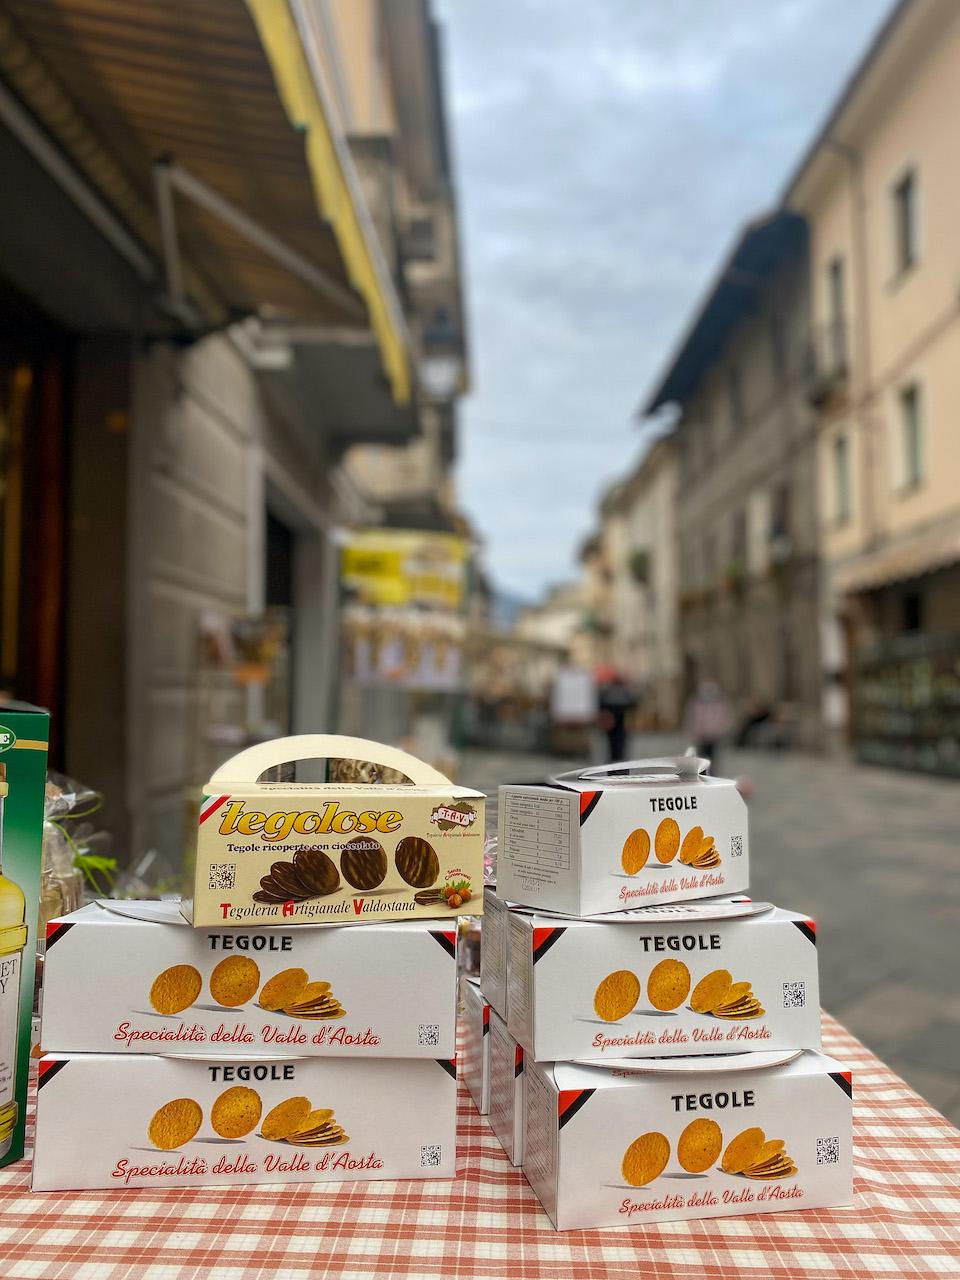 Tegole koekjes - Aosta